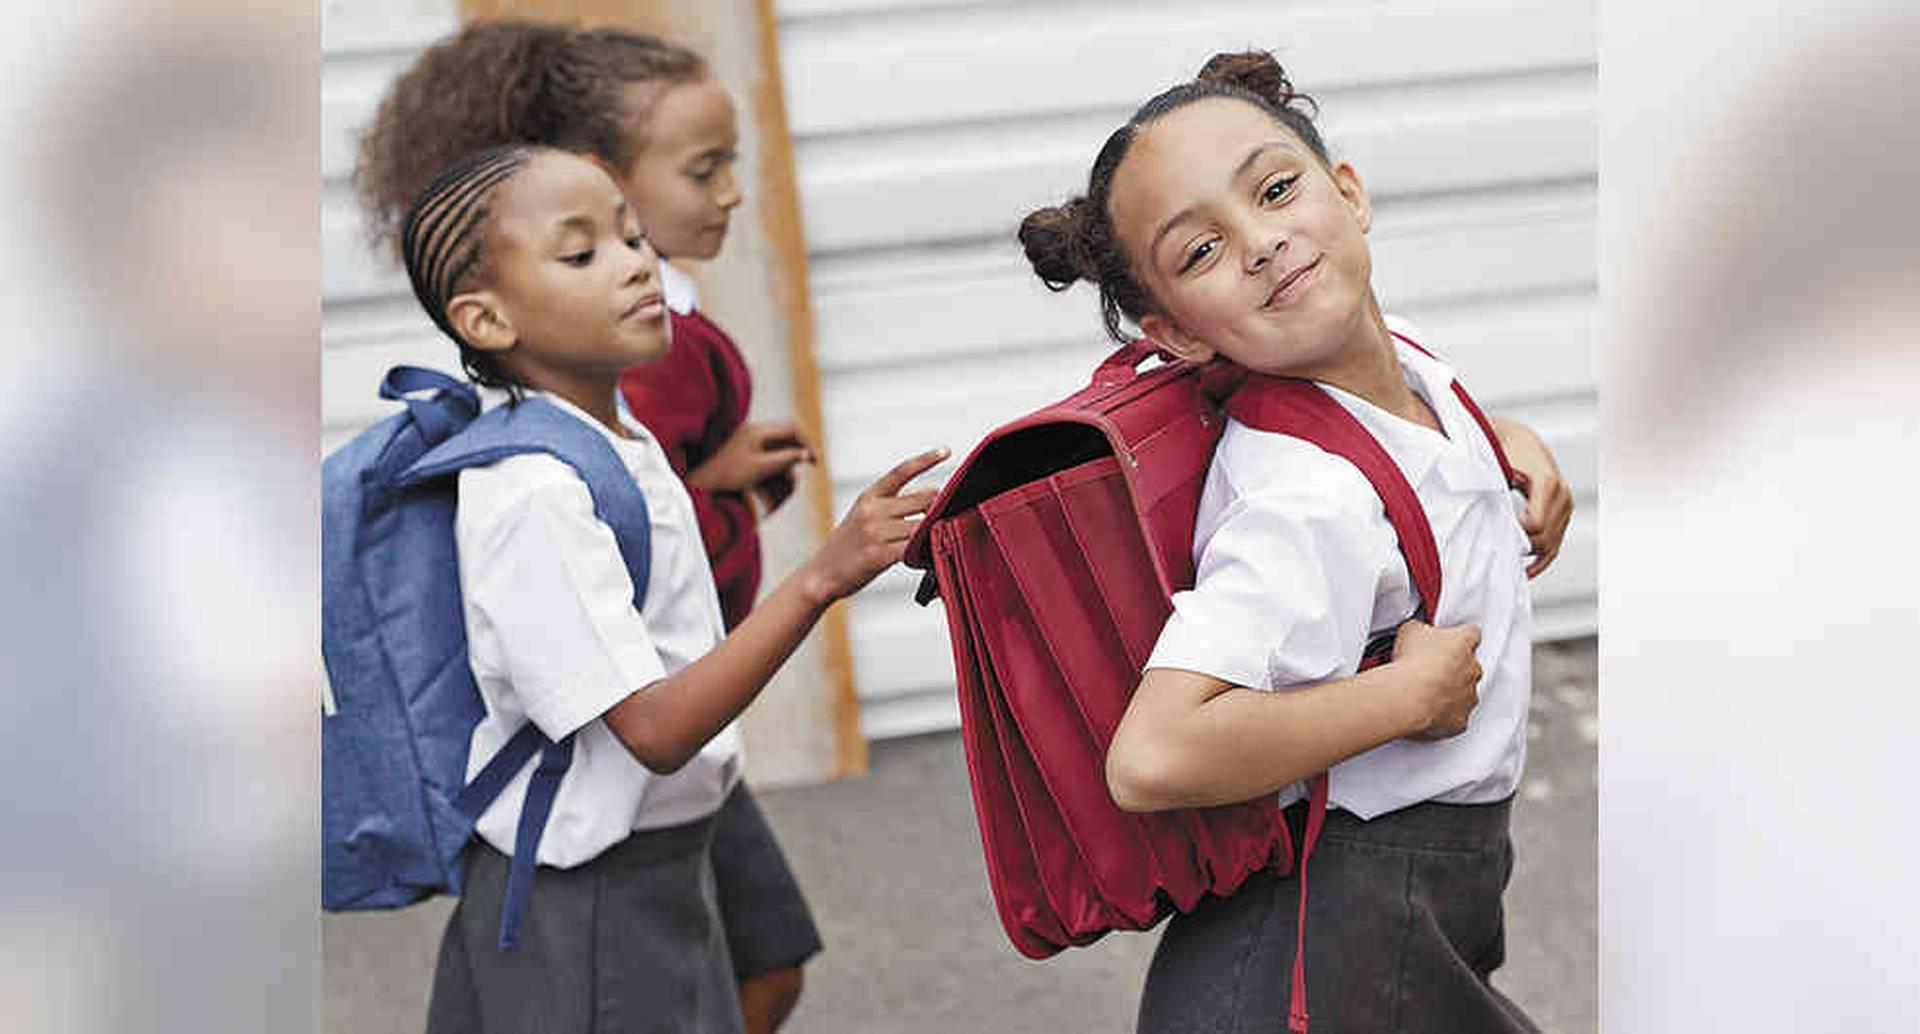 Con cinco consejos, podrá inculcar en sus hijos habilidades que les permitirán vivir felizmente.